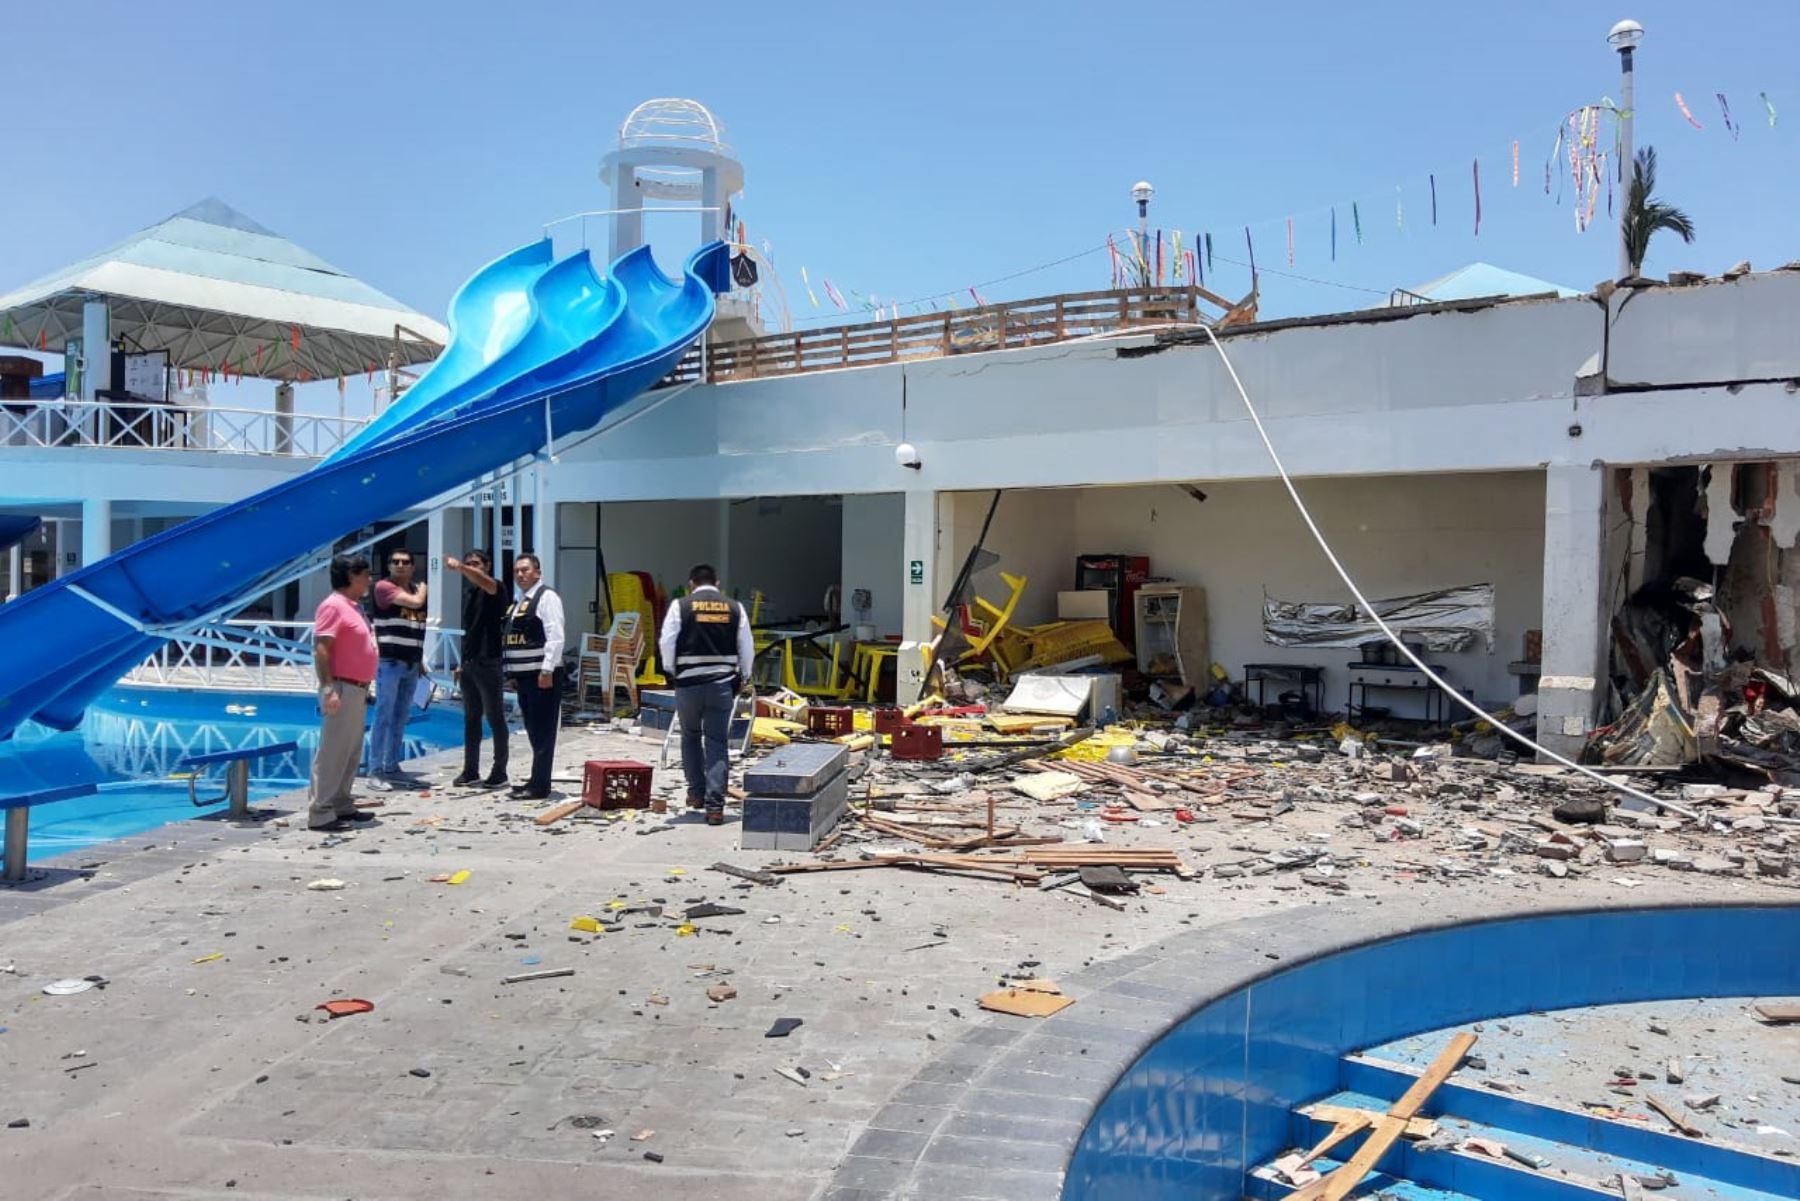 La Policía de Arequipa investiga las causas de la explosión en el parque acuático de Mollendo y que causó daños materiales.Foto: Municipalidad de Islay.